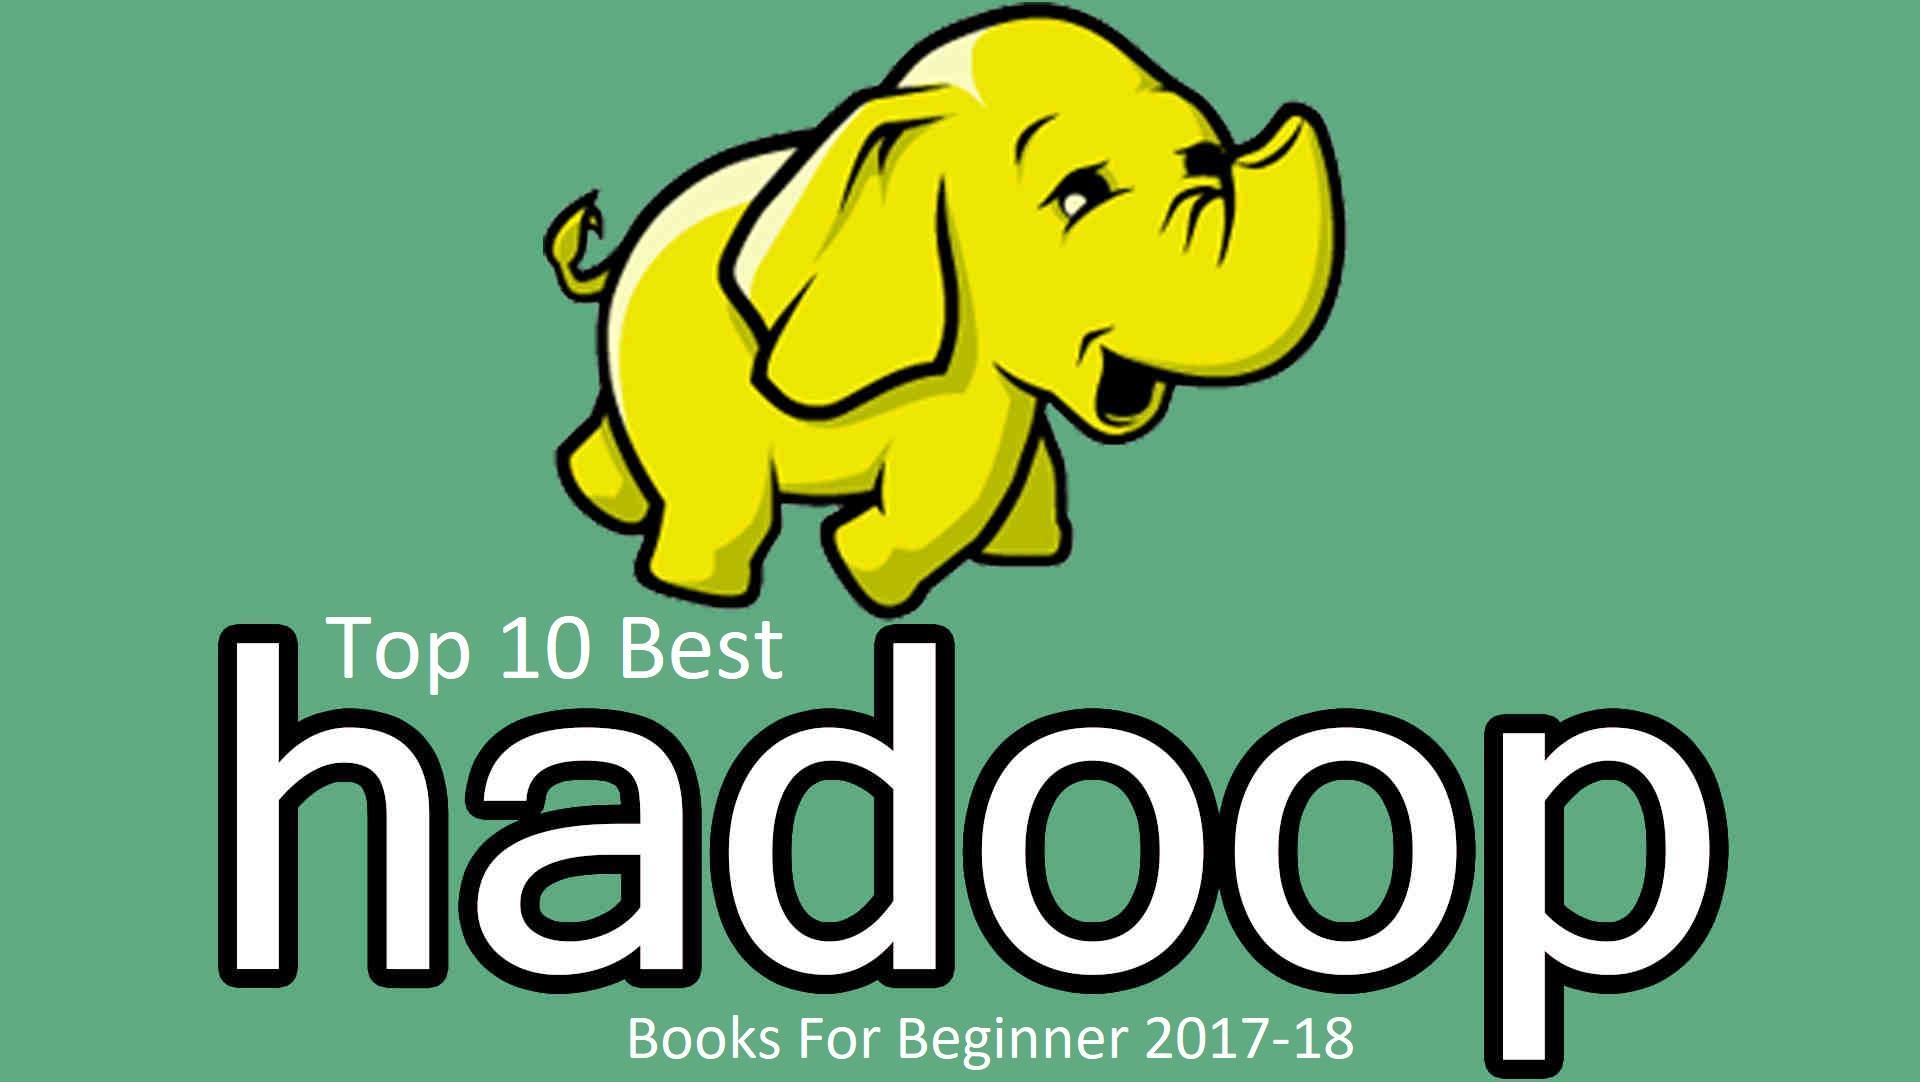 Top 10 Best Hadoop Books For Beginner 2017-18